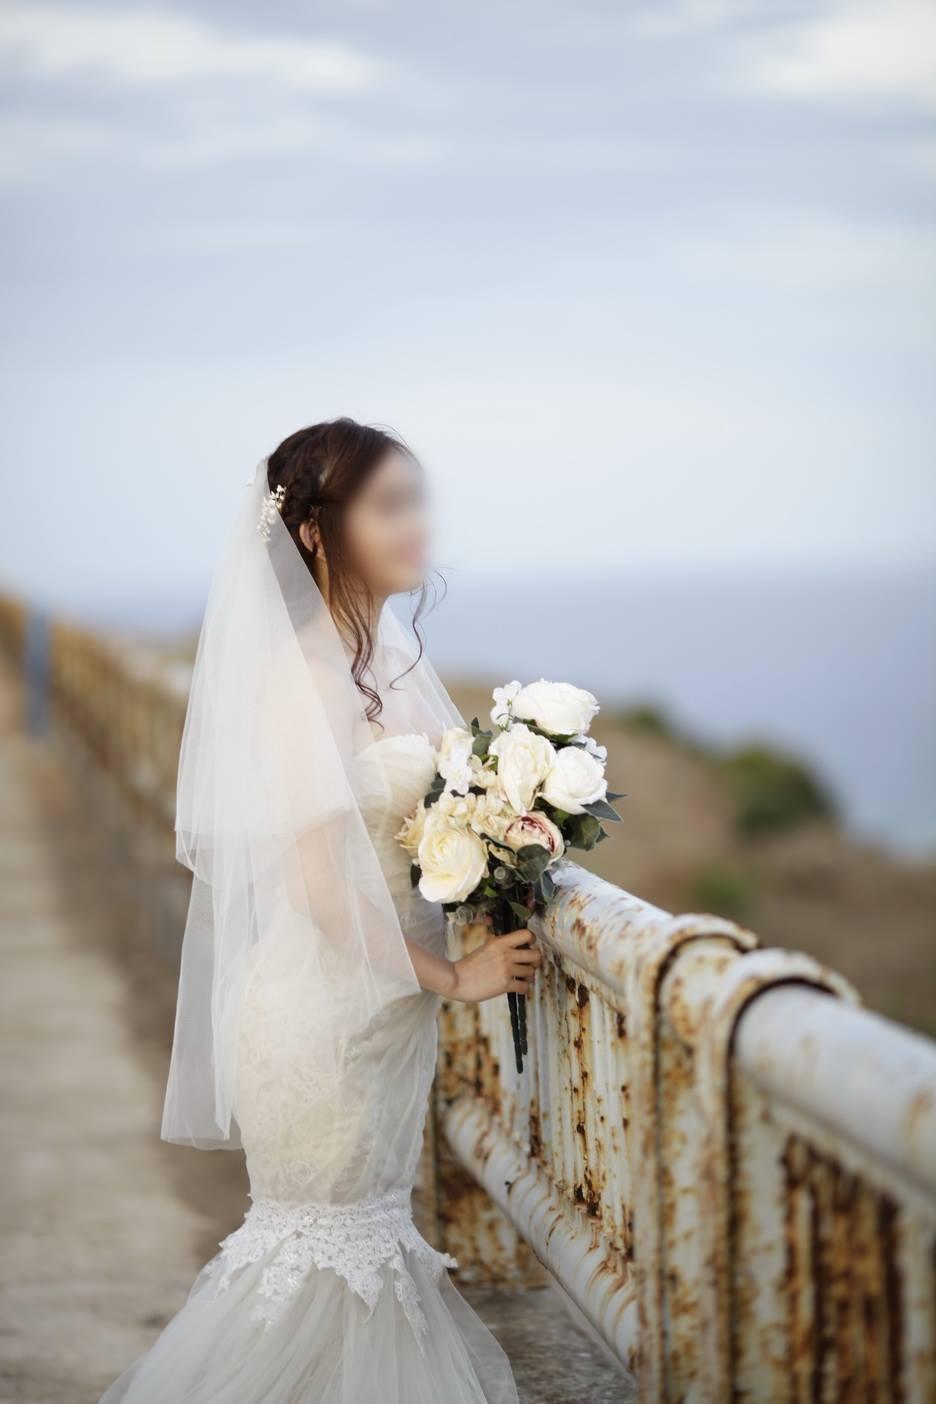 Cô dâu chú rể ở Sài Gòn tố bị nhiếp ảnh gia thuê người đến phá đám cưới để đòi tiền - Ảnh 2.